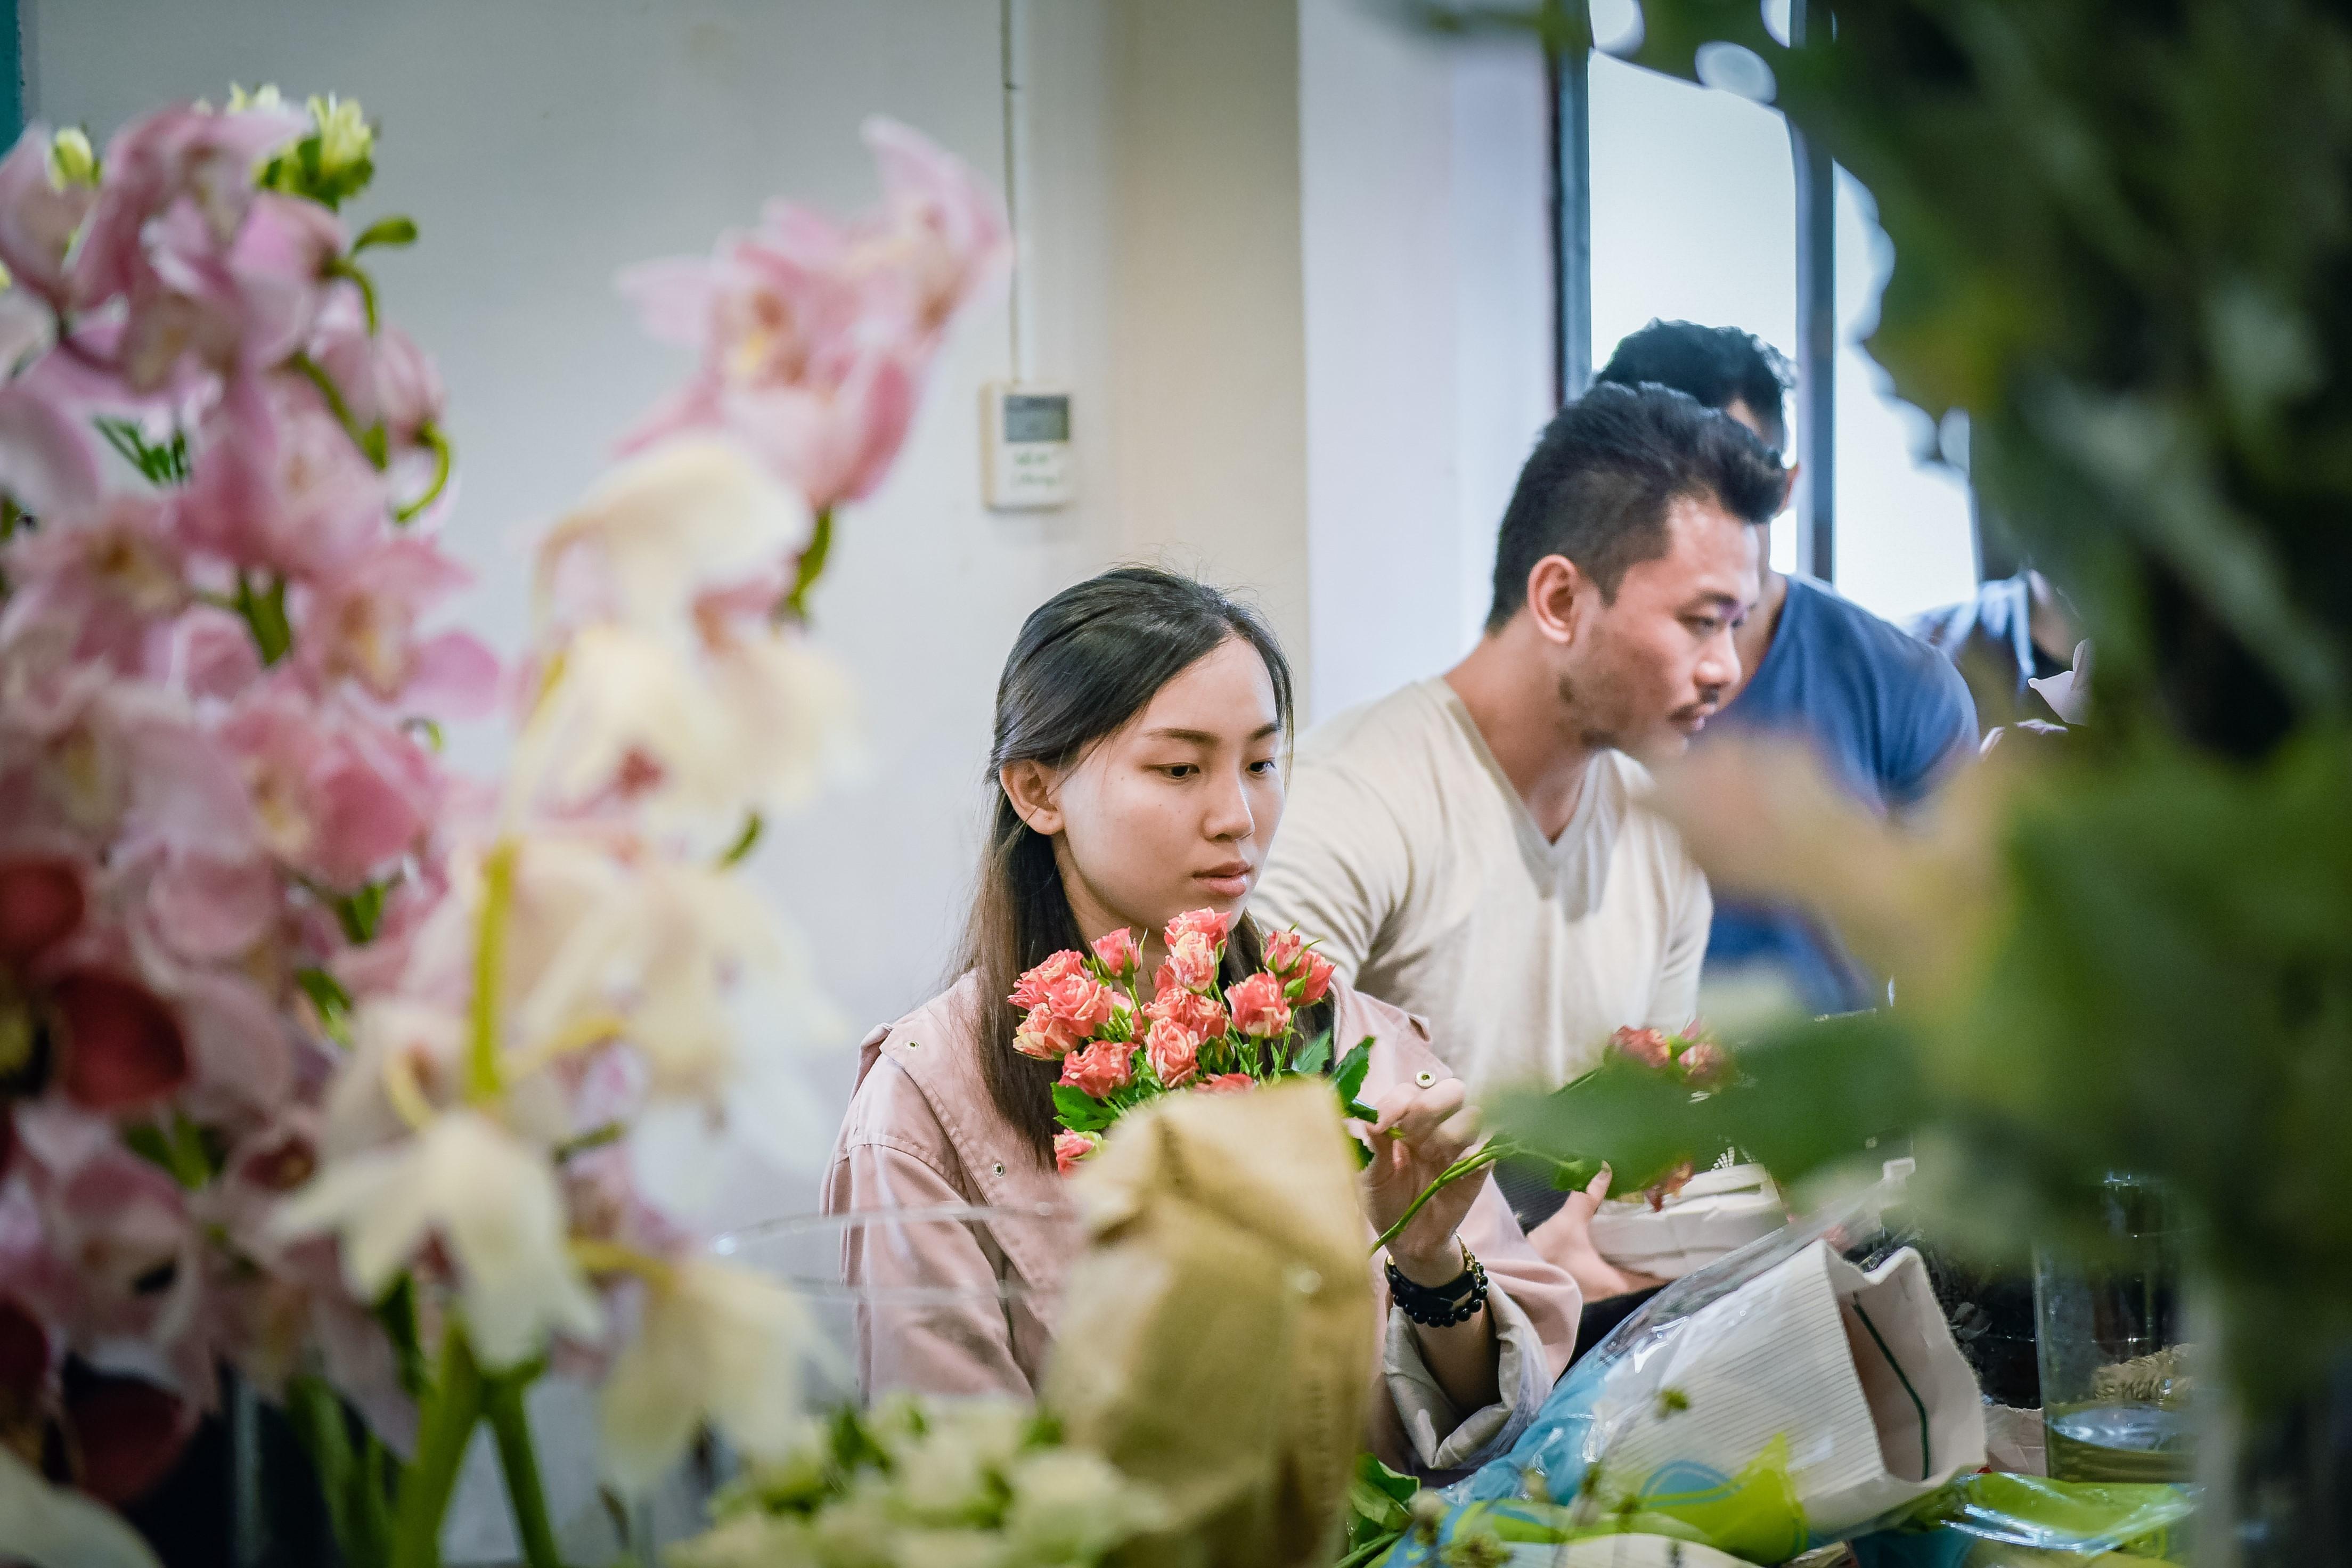 Dịp 20/10, Shark Khoa mở thương hiệu hoa mới bán 24/7 cho phái đẹp - Ảnh 4.